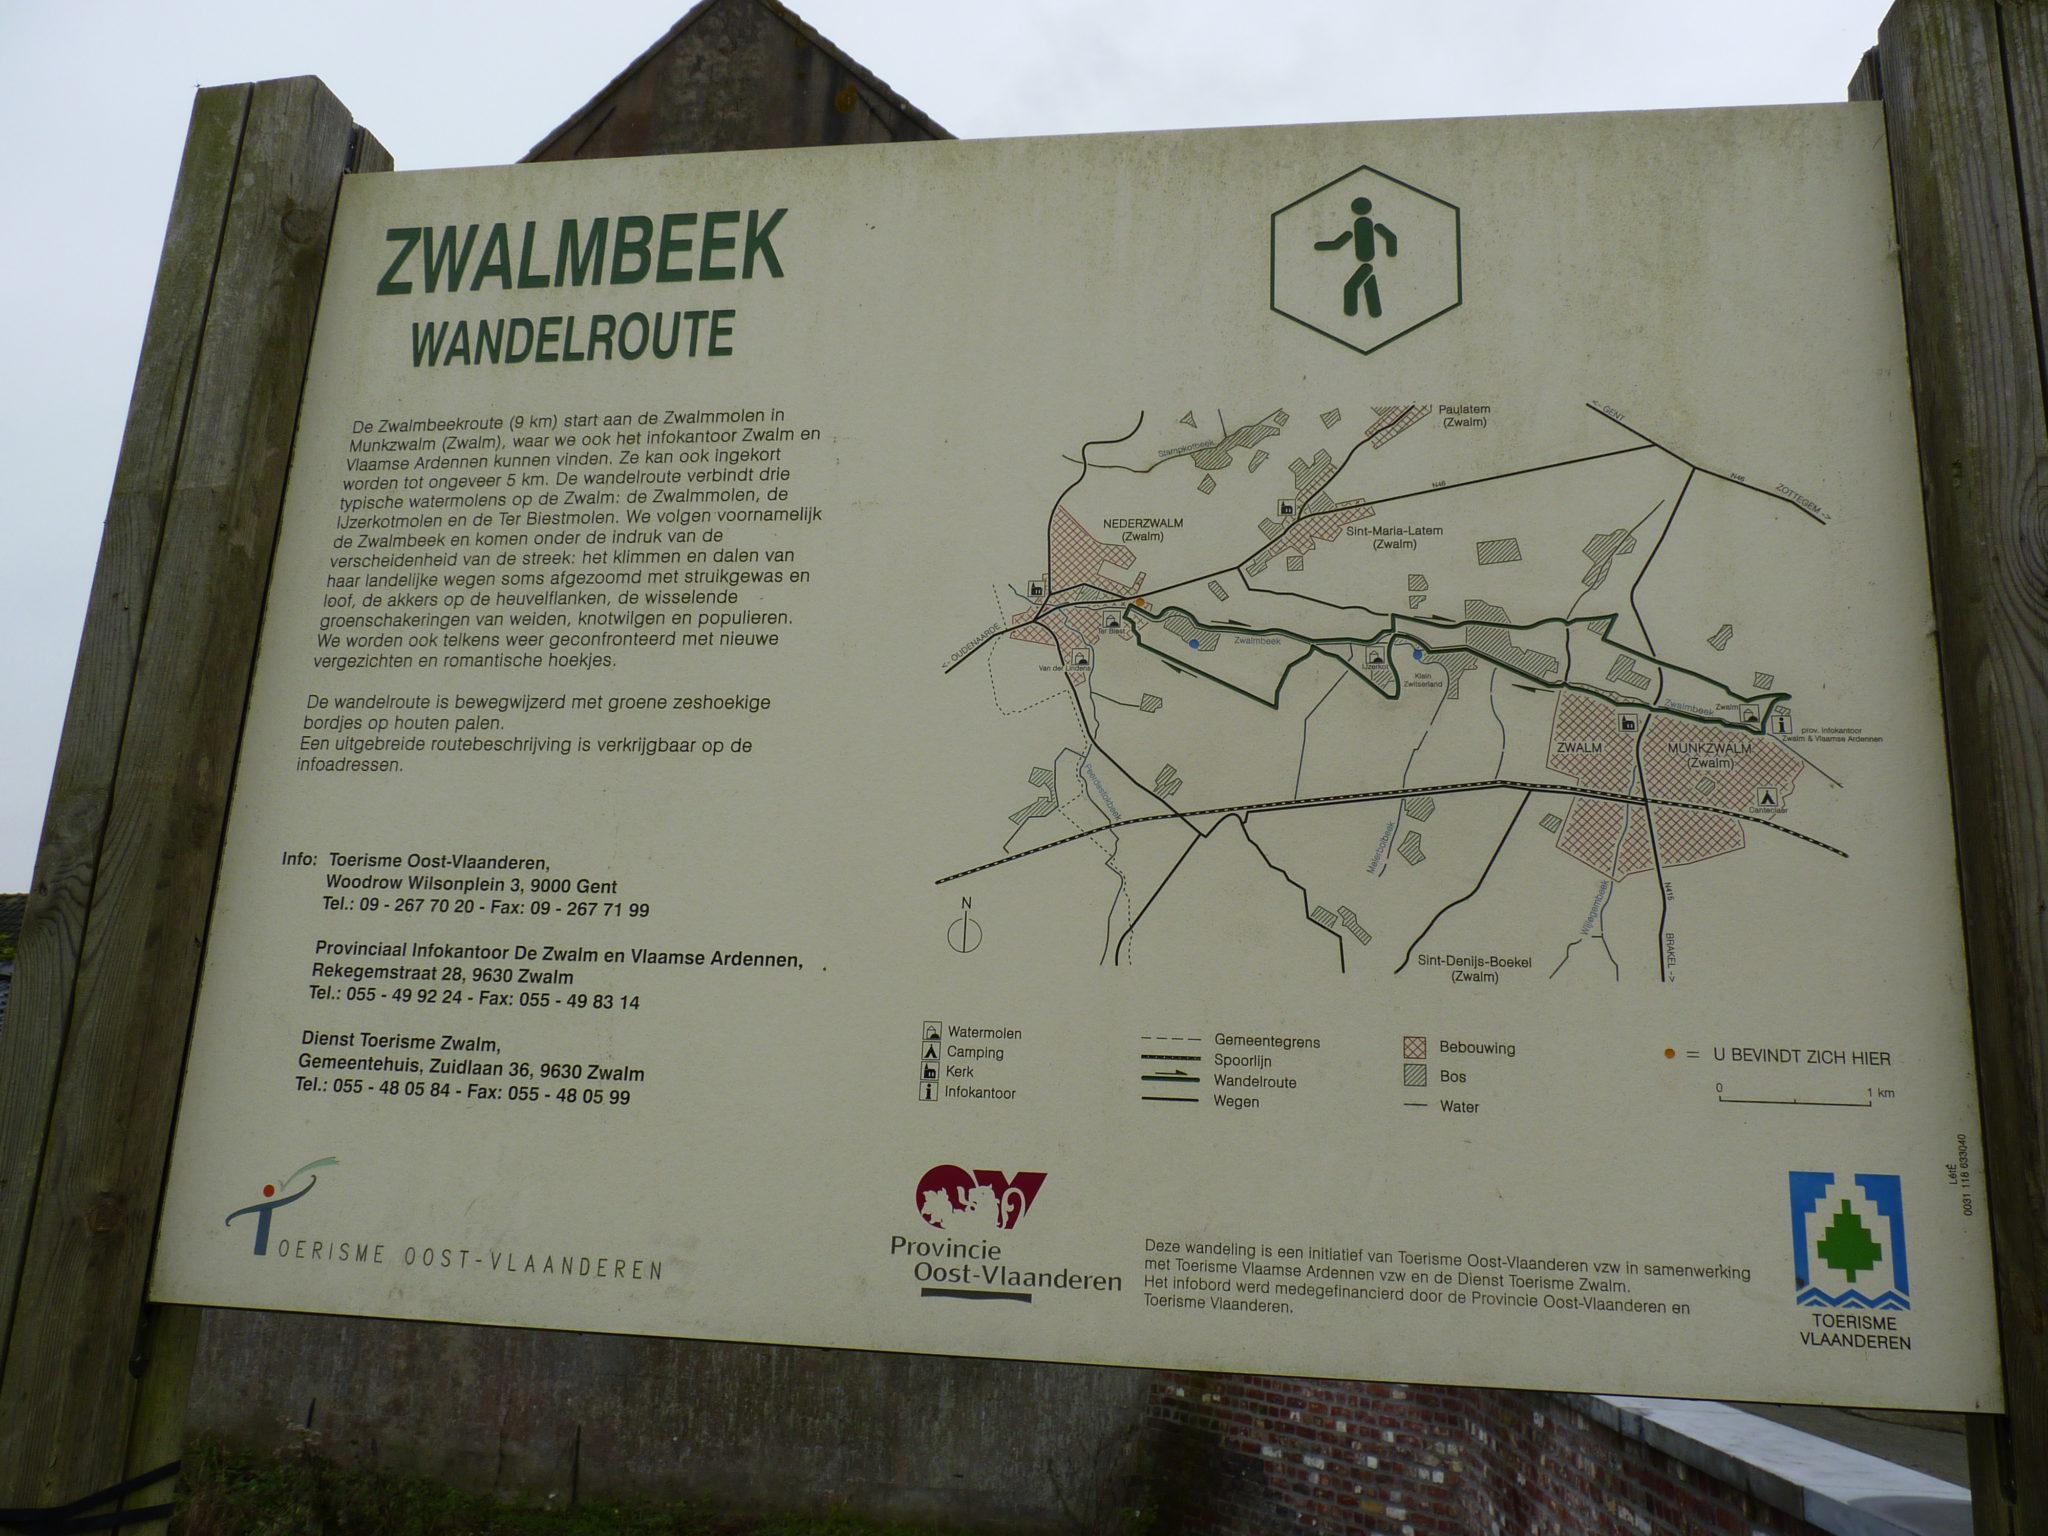 De Zwalmbeek wandelroute.